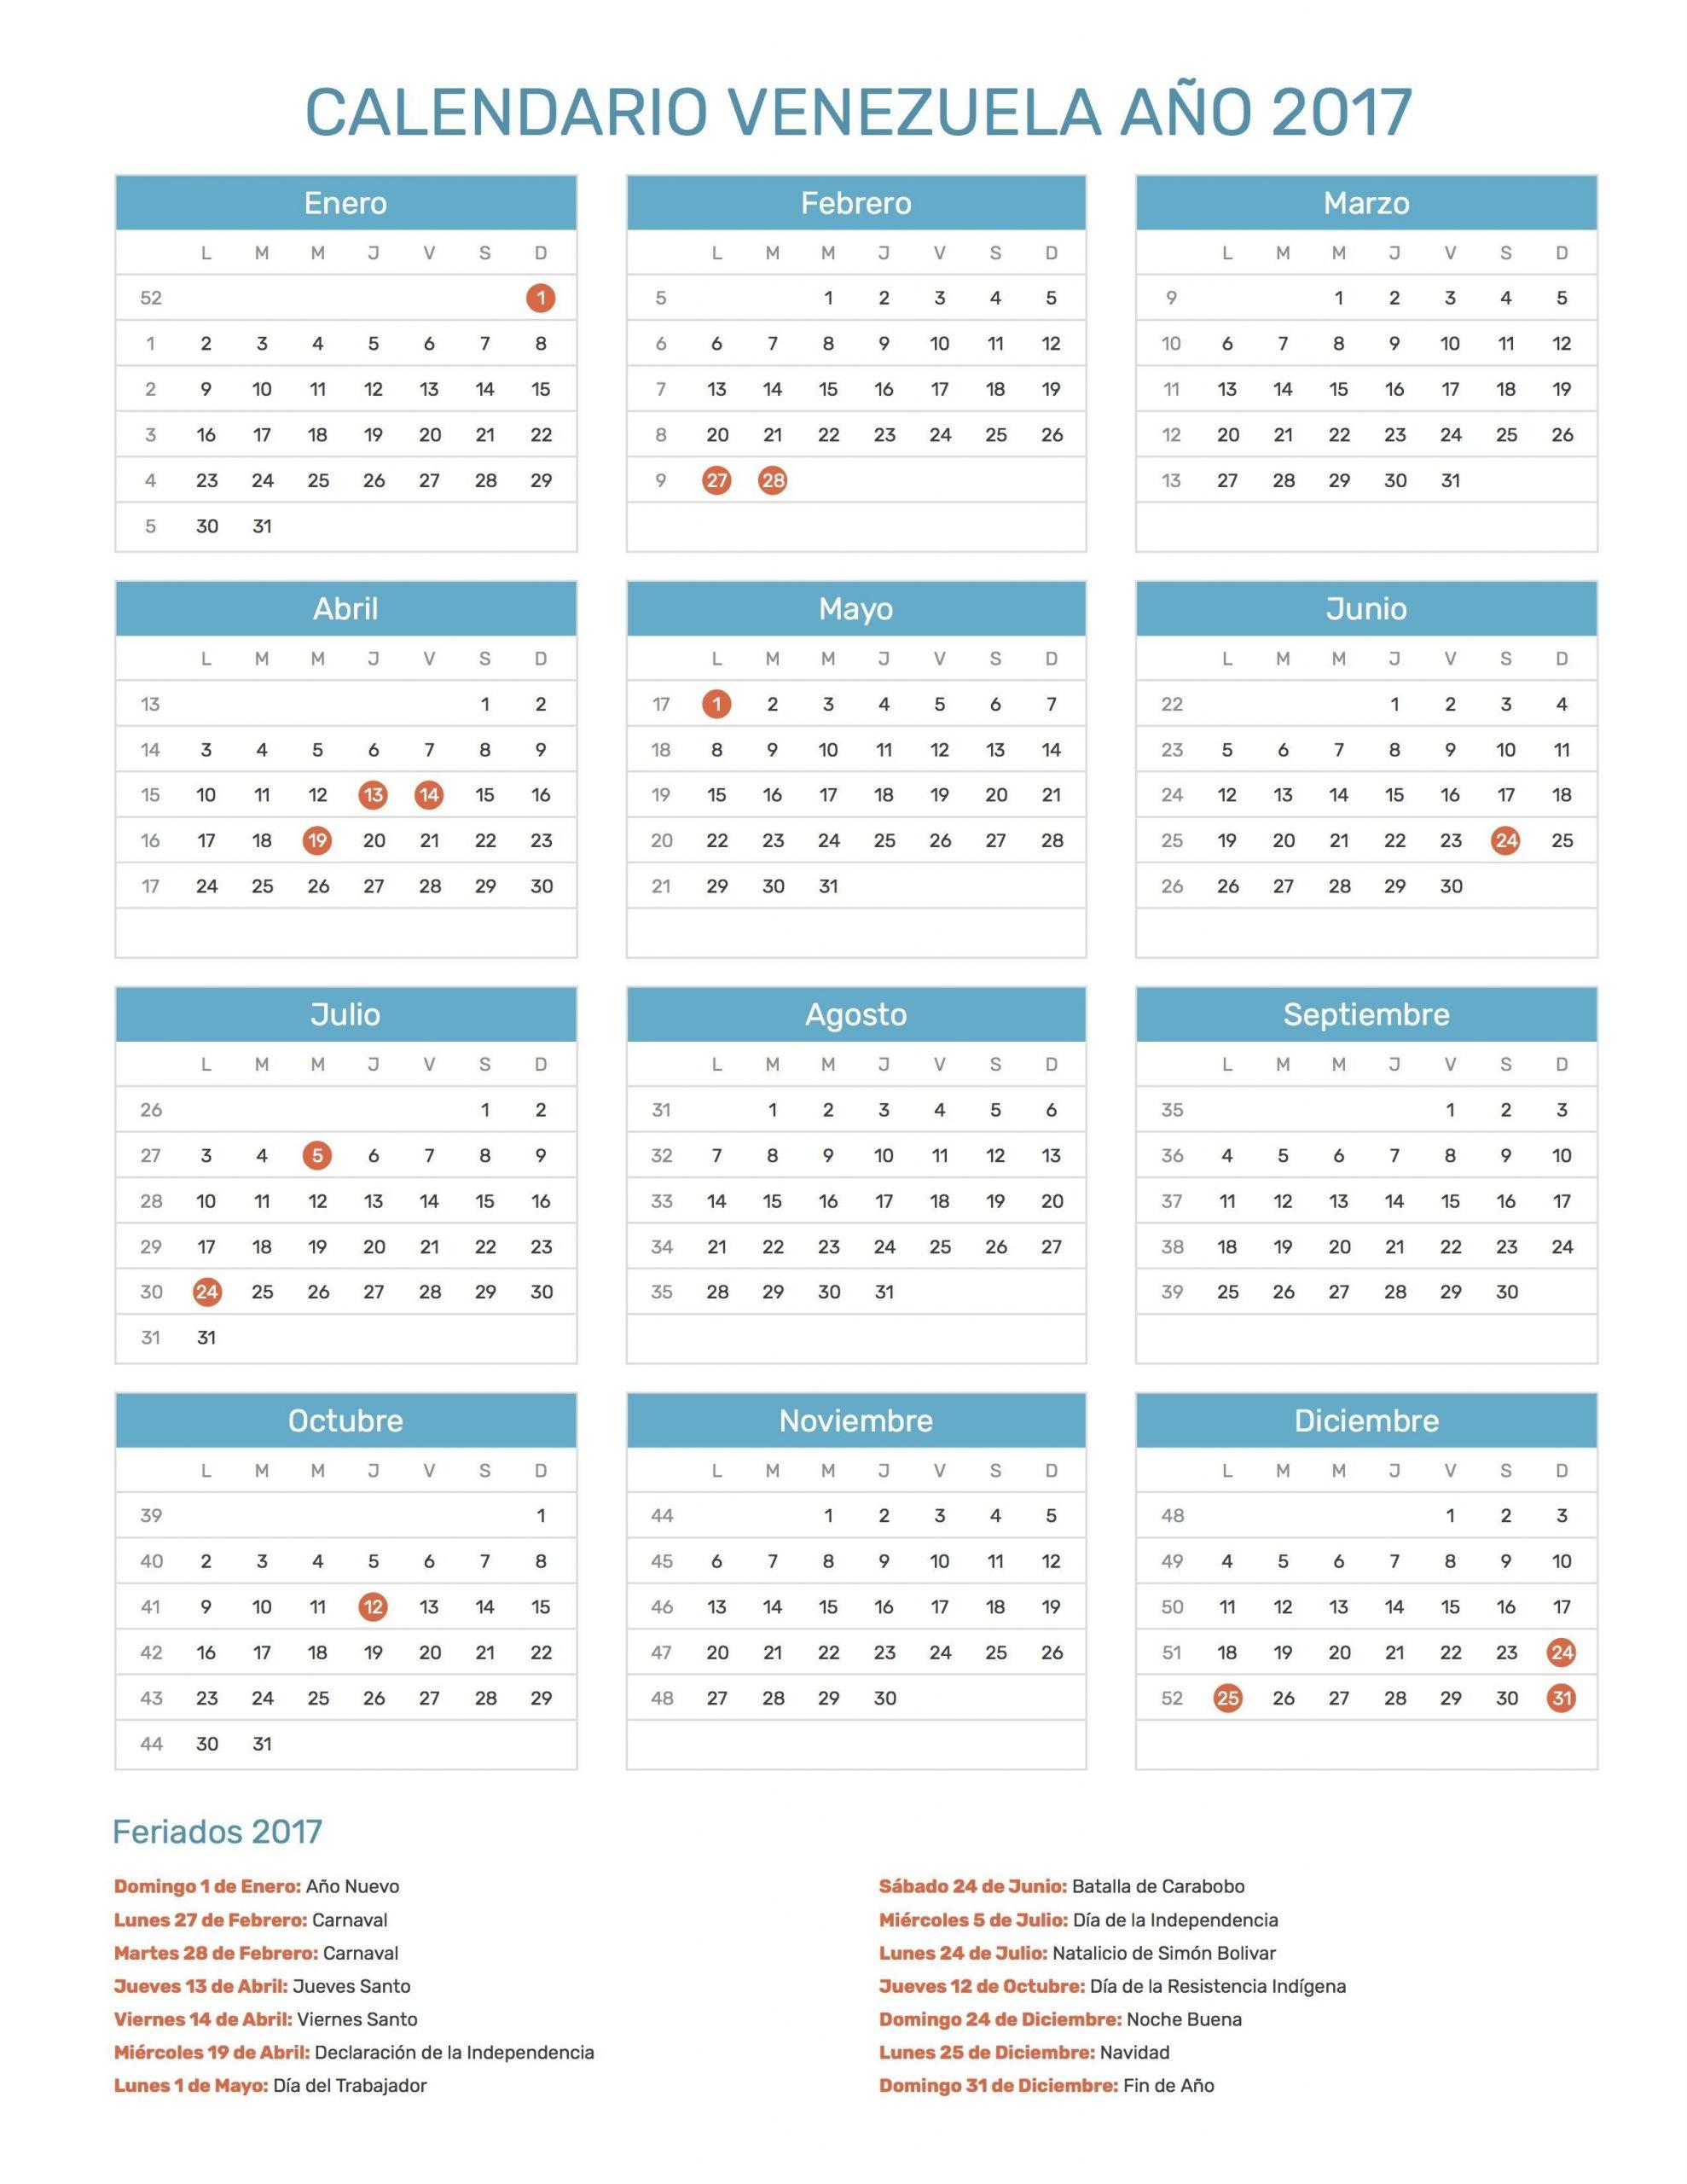 Calendario 2020 Bolivia Con Feriados Para Imprimir Más Actual 15 Mejores Imágenes De Calendario De 2017 Of Calendario 2020 Bolivia Con Feriados Para Imprimir Más Recientemente Liberado Calendario Septiembre 2015 Para Imprimir Corto